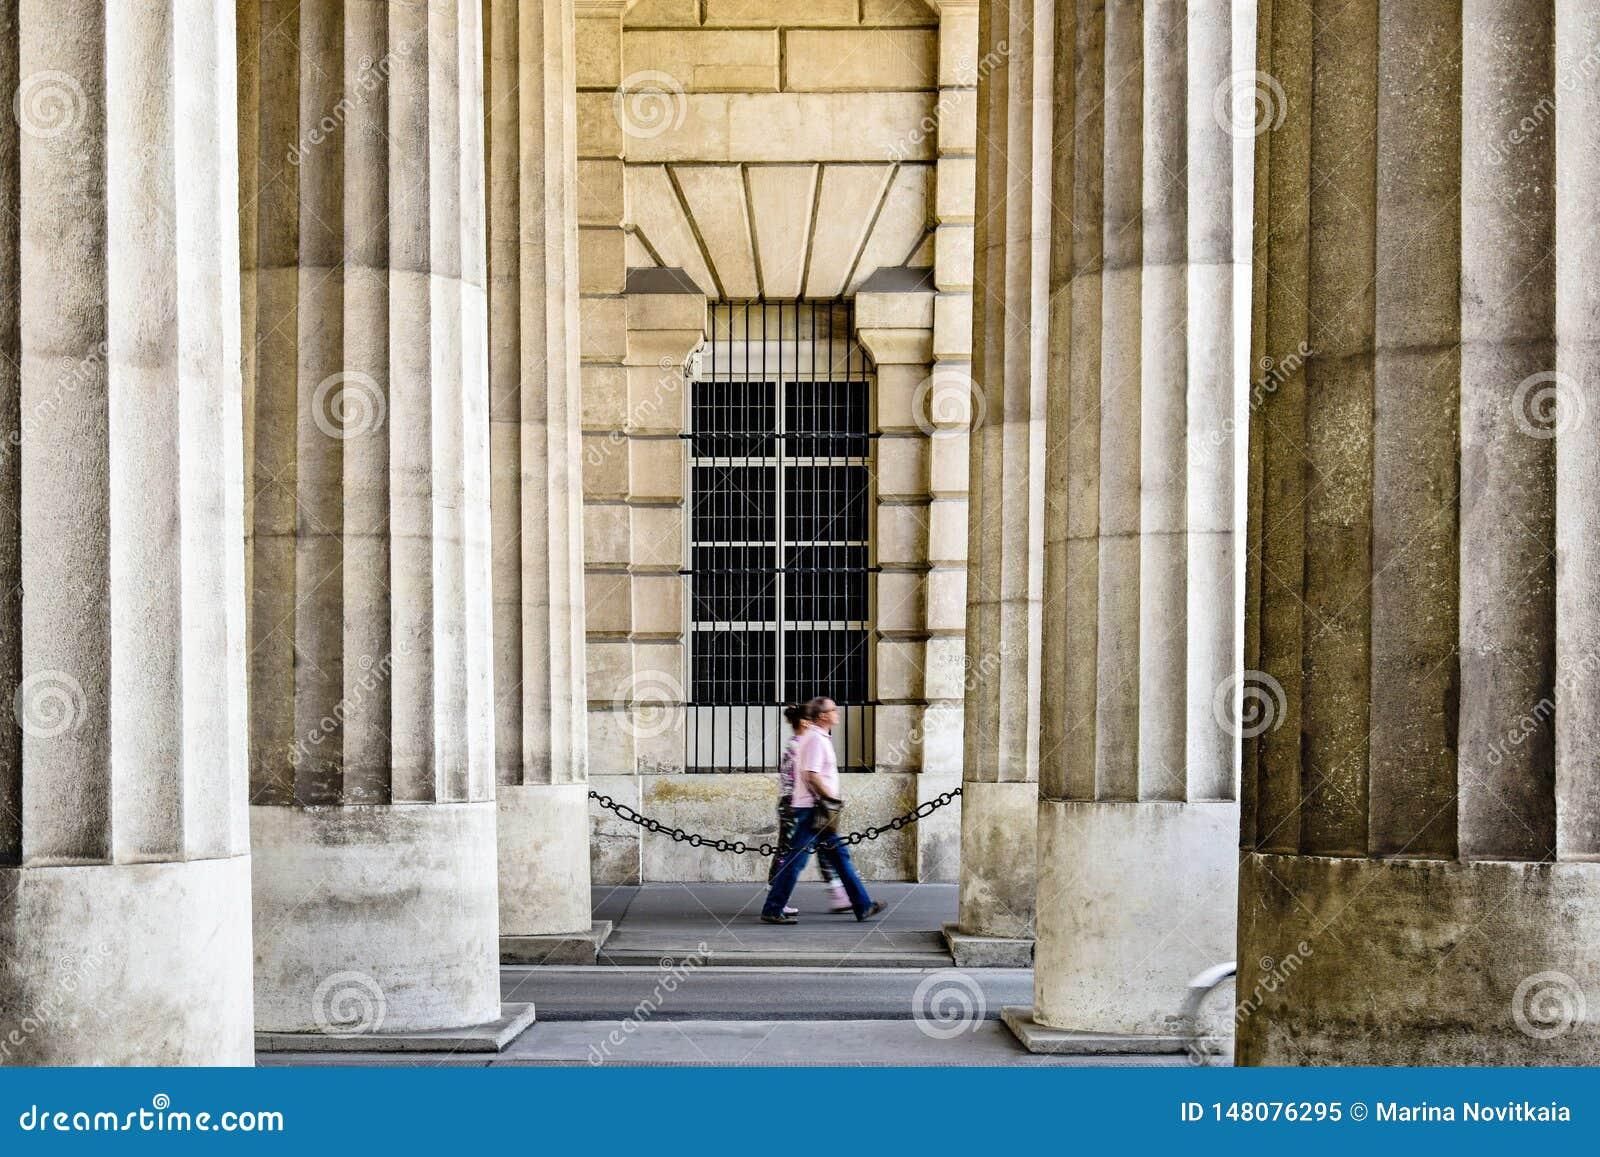 Zamazane sylwetki turyści chodzi wśród ogromnych majestatycznych kolumn stary budynek